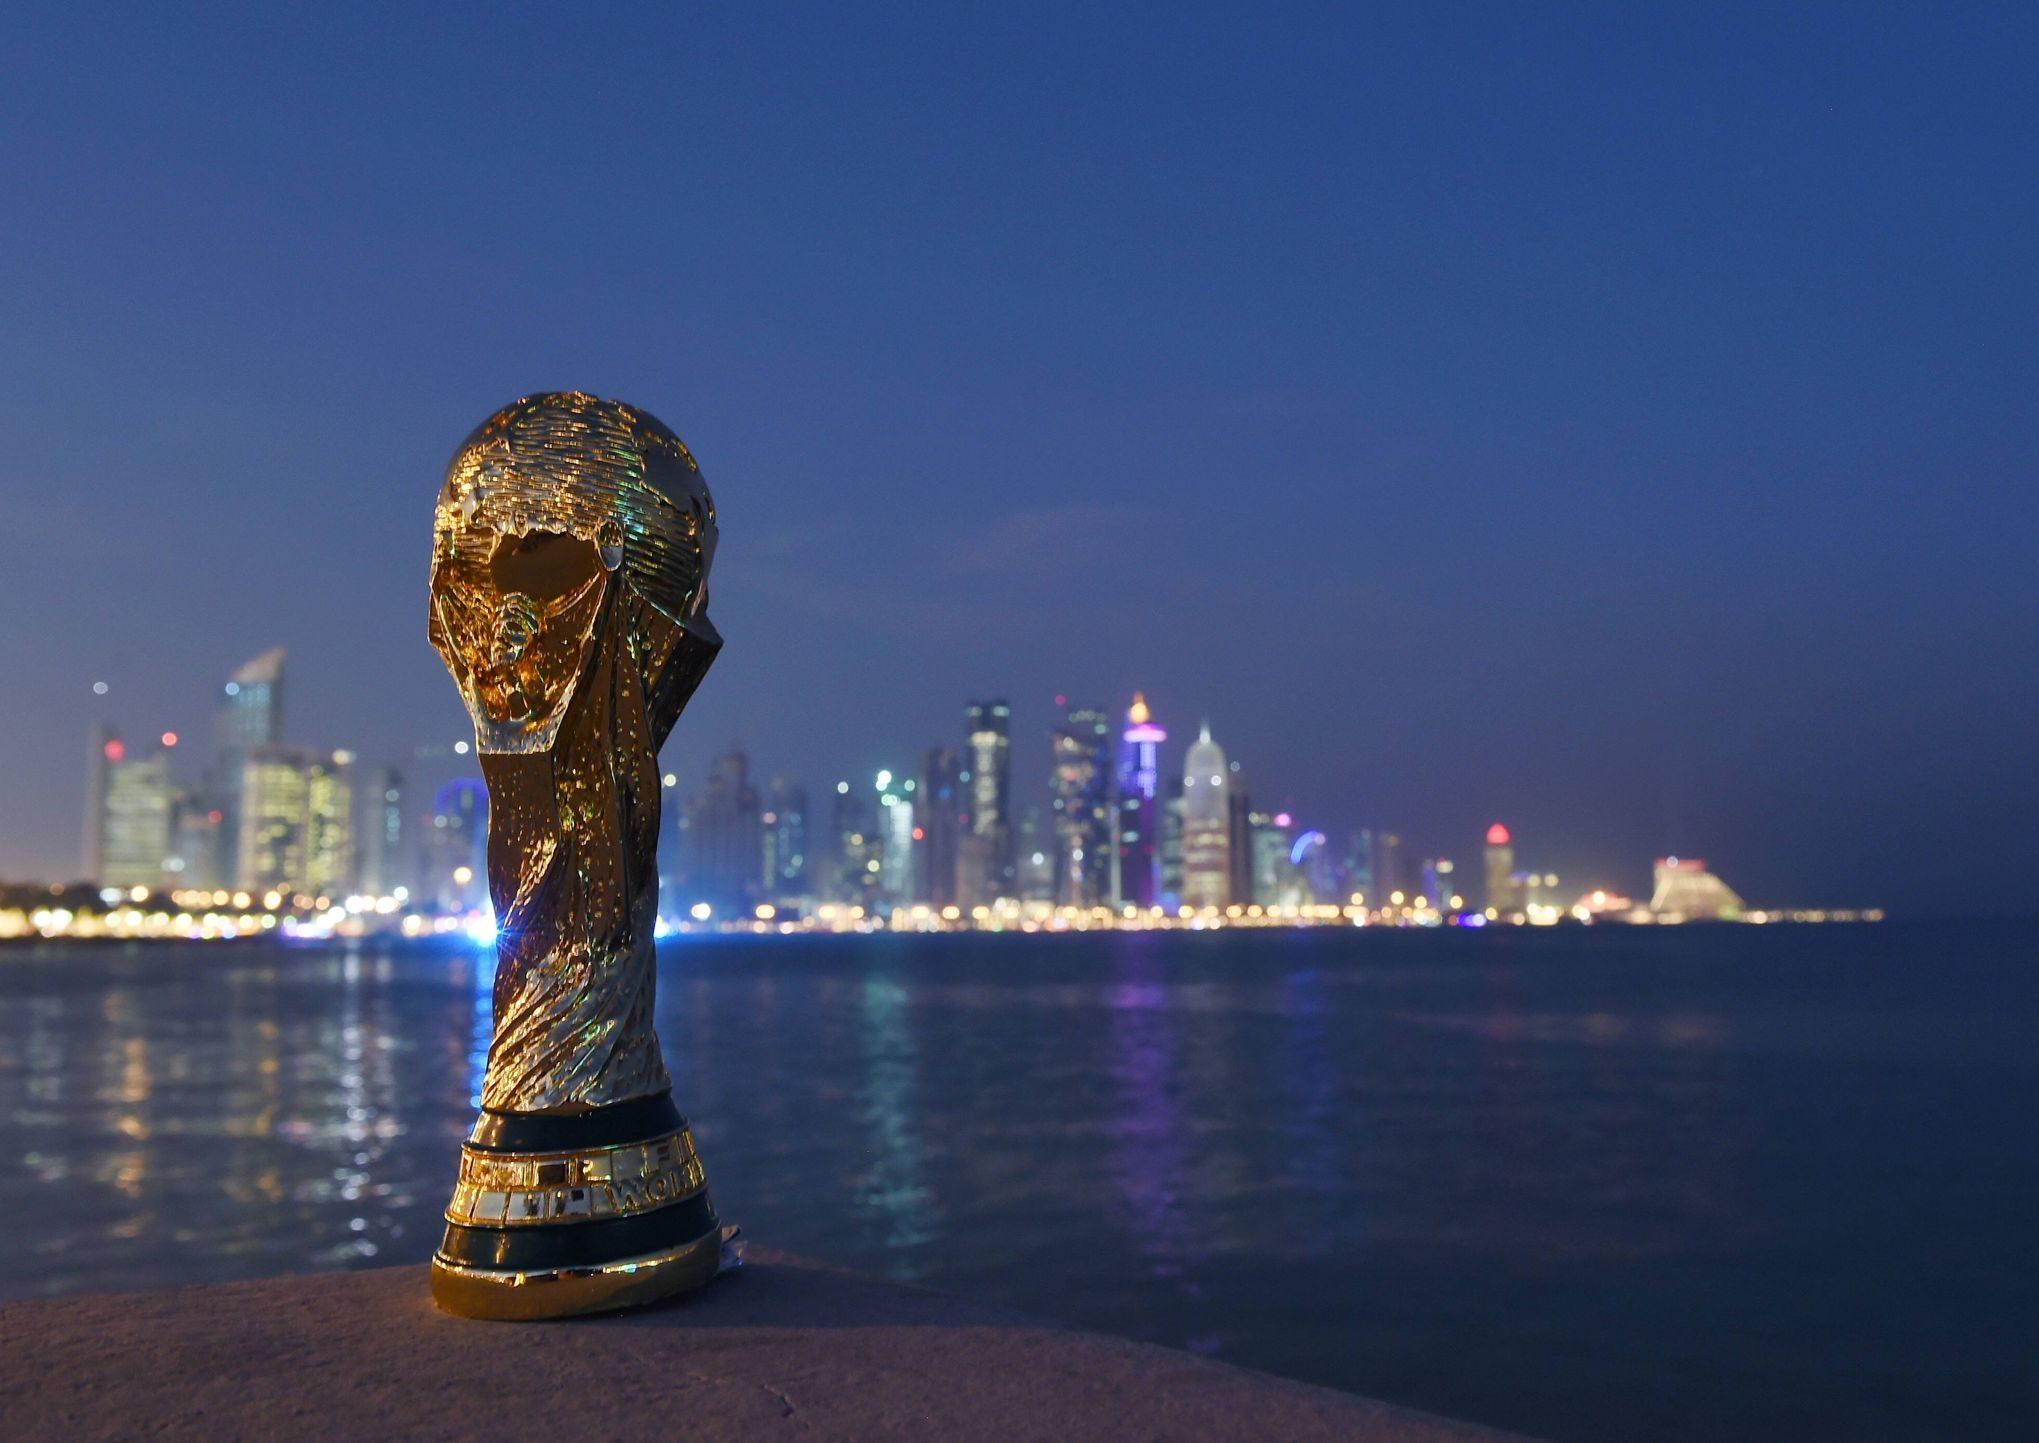 Coupe Du Monde2020 Eliminatoire Zone Afrique Calendrier.Mondial 2022 Le Mode Des Eliminatoires De La Zone Afrique